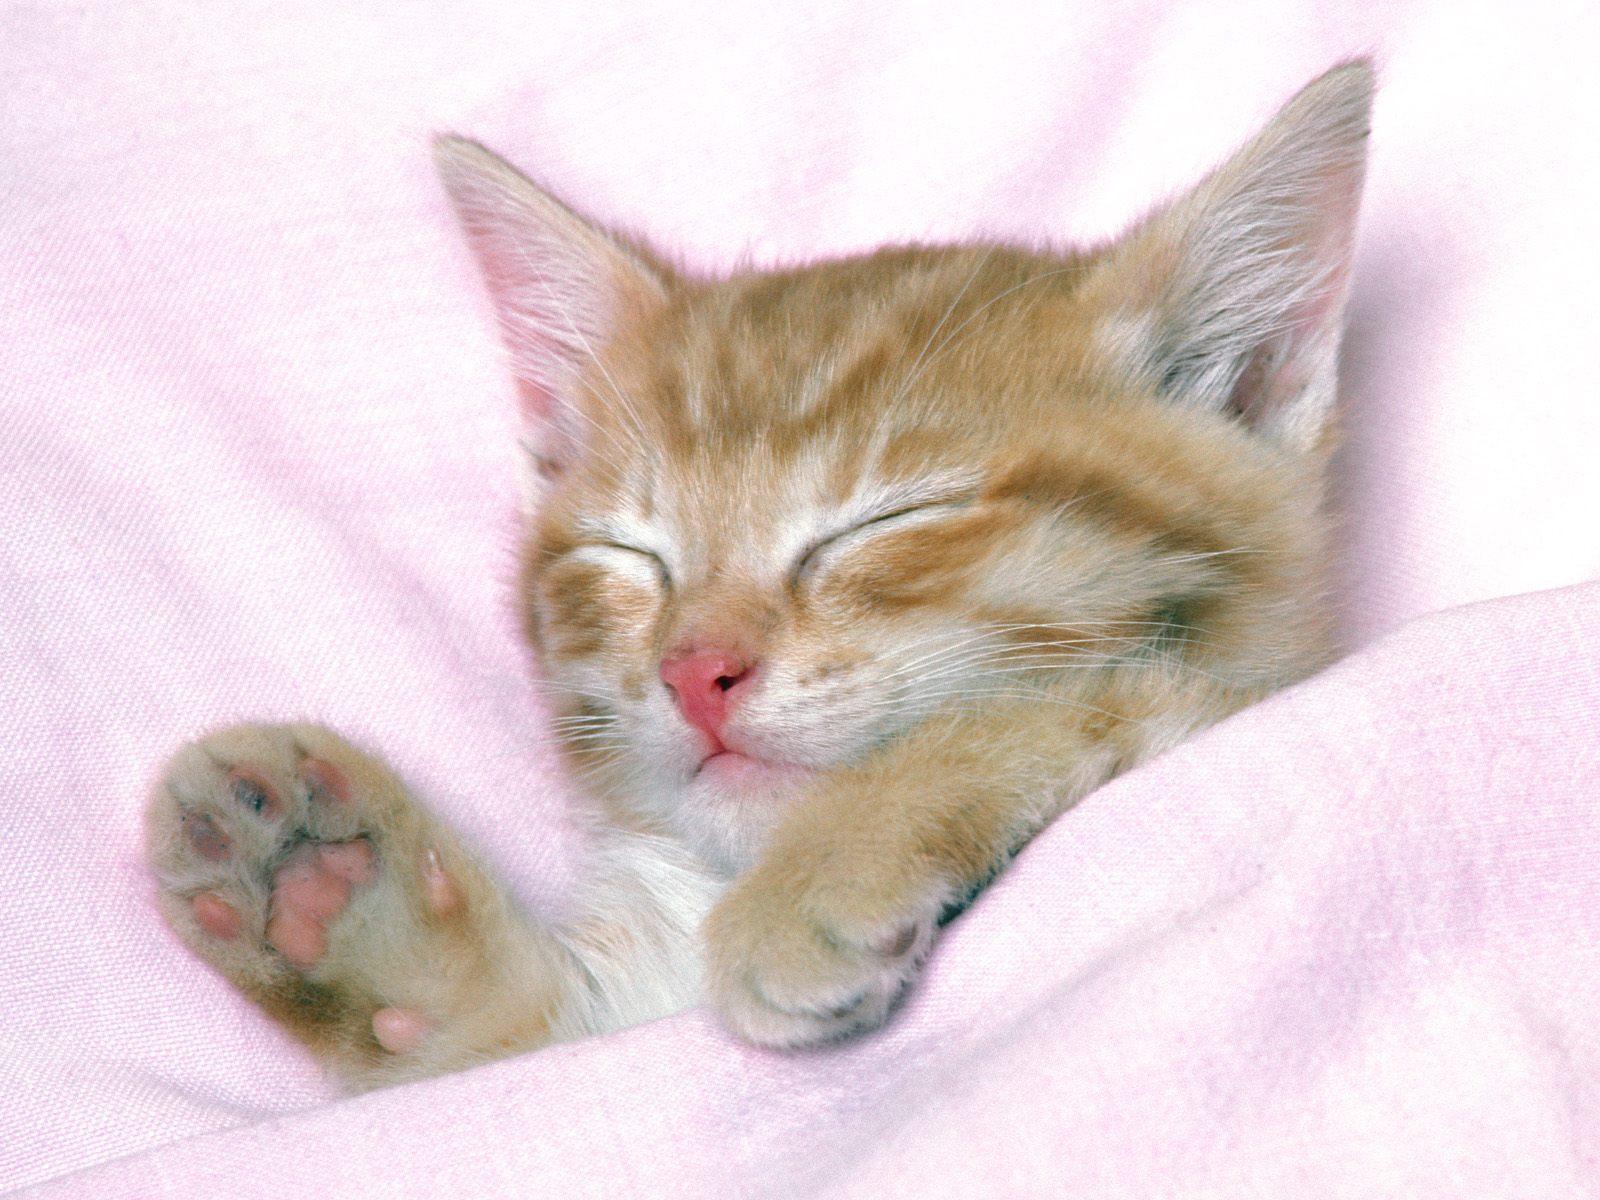 Pretty Kitty Wallpaper  Cats 10547159 Fanpop